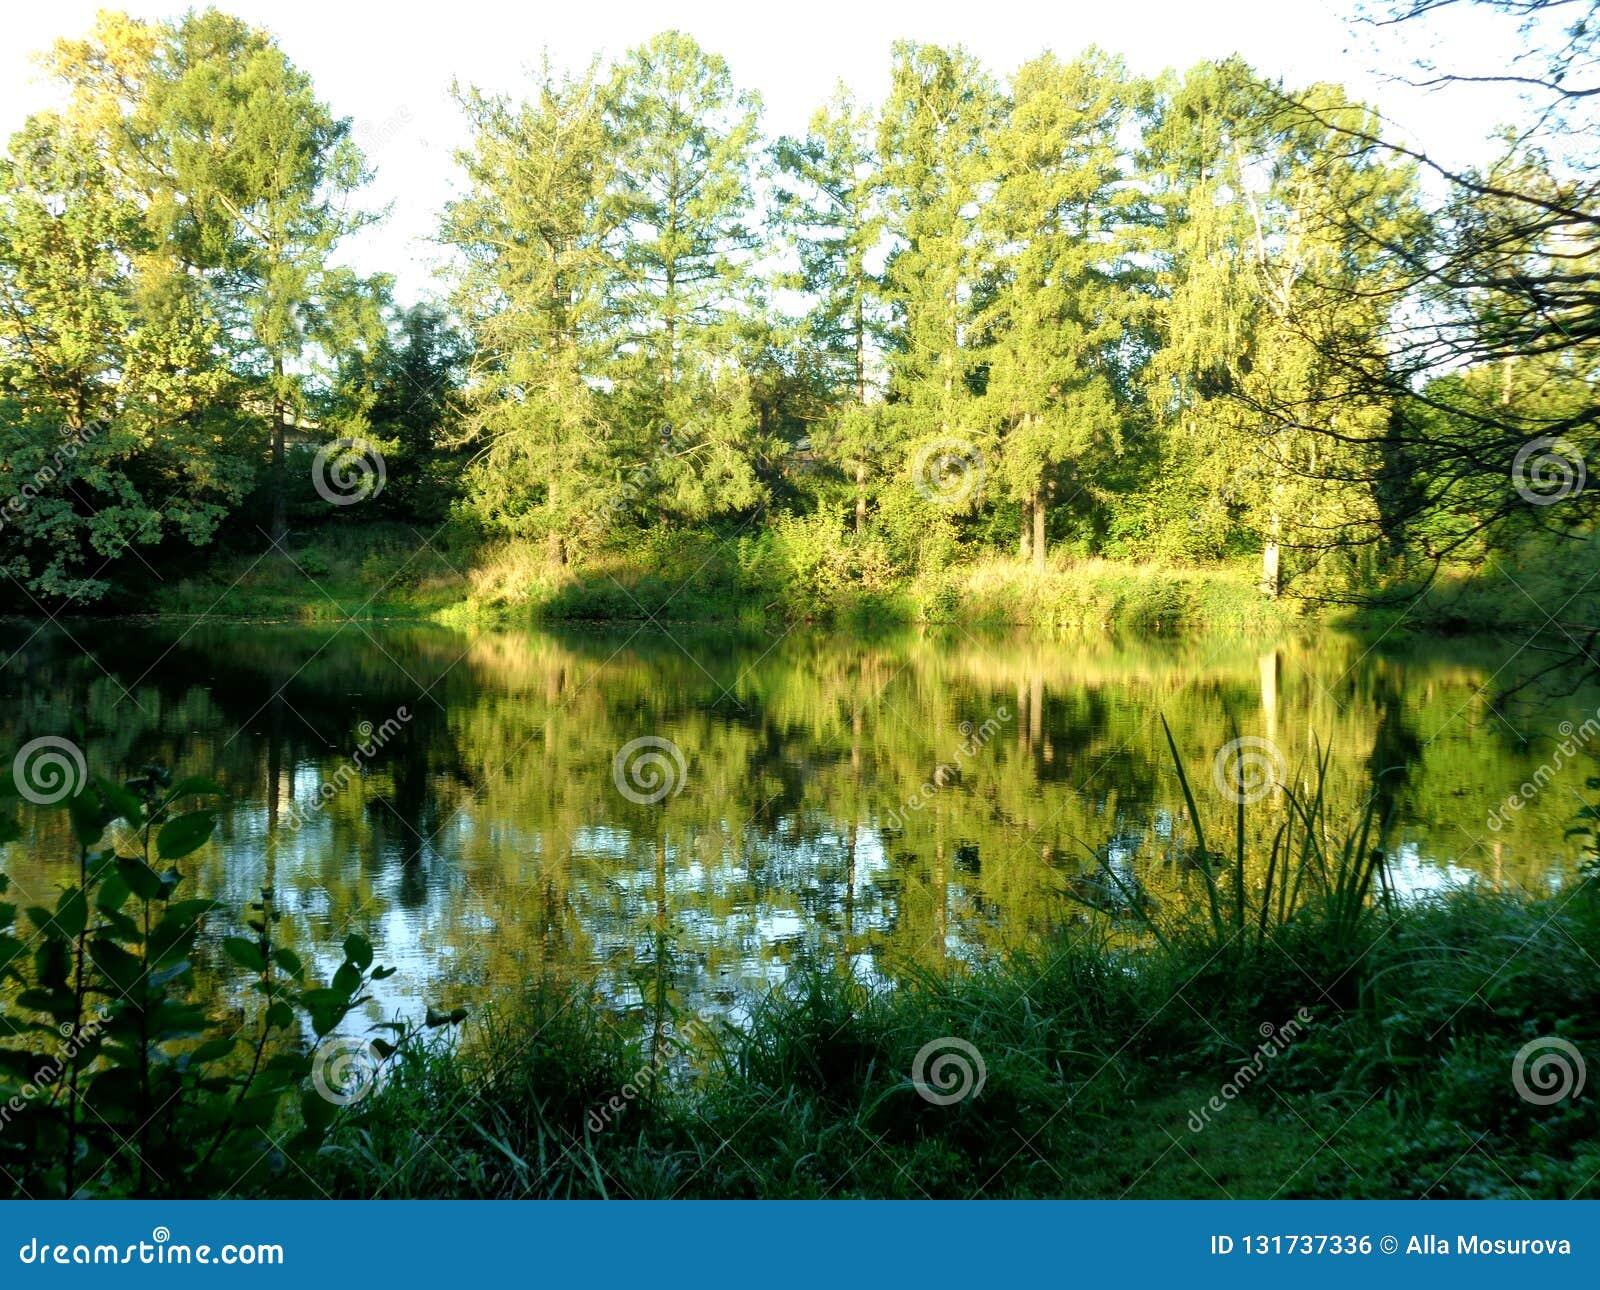 Busksnår av träd och buskar runt om dammet på en solig sommardag